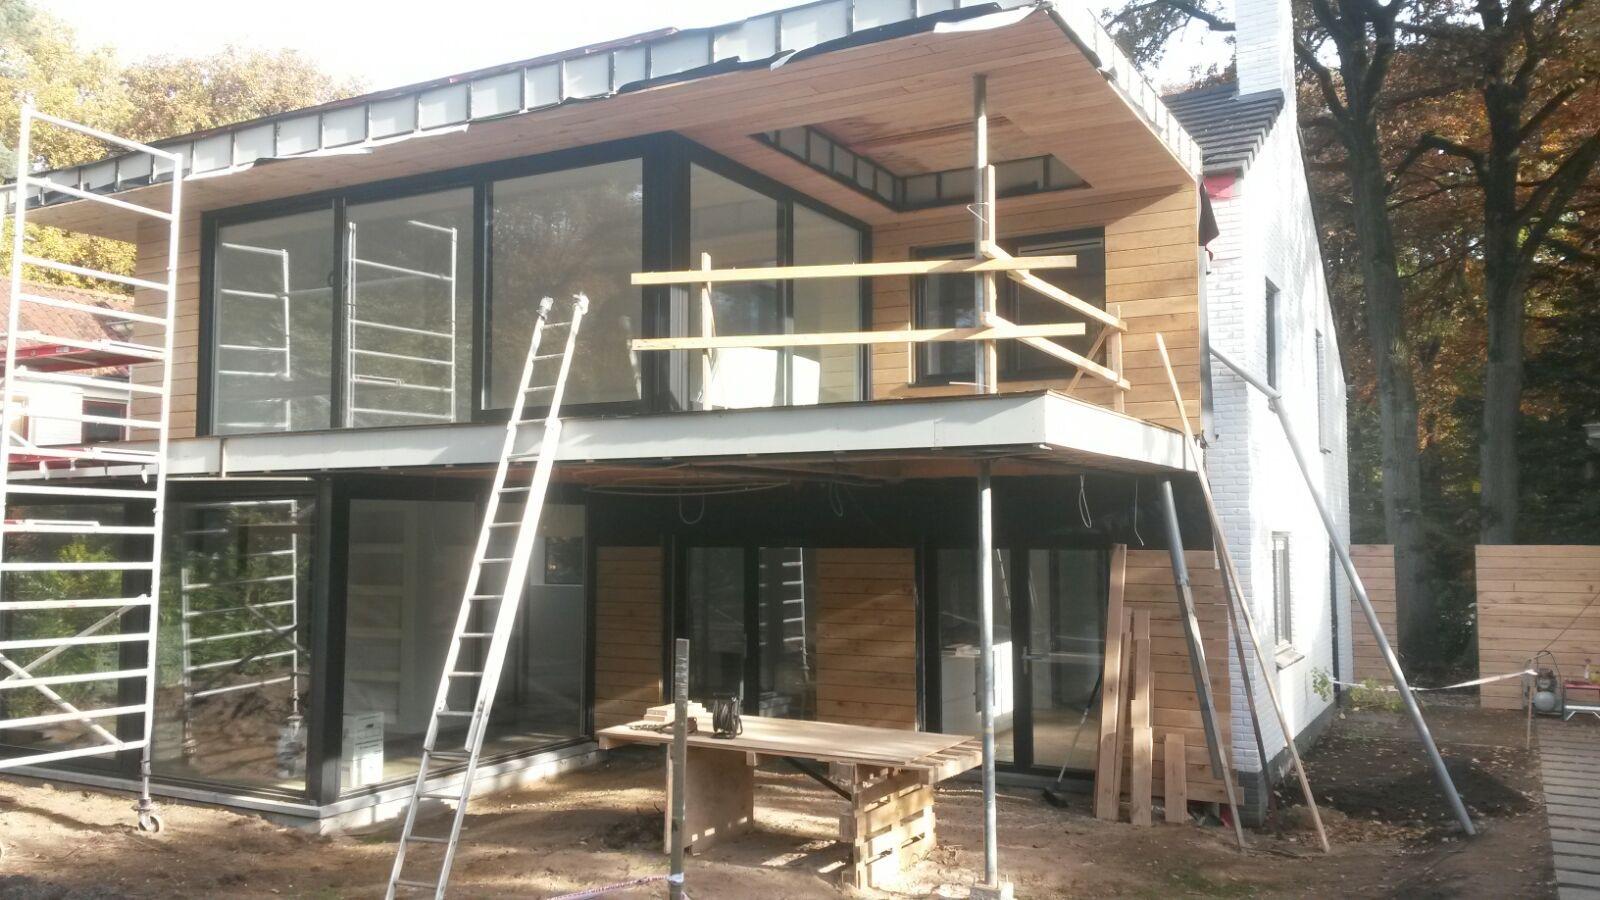 Bouwbedrijf oss bouwbedrijf van bemmel for Compleet huis laten bouwen